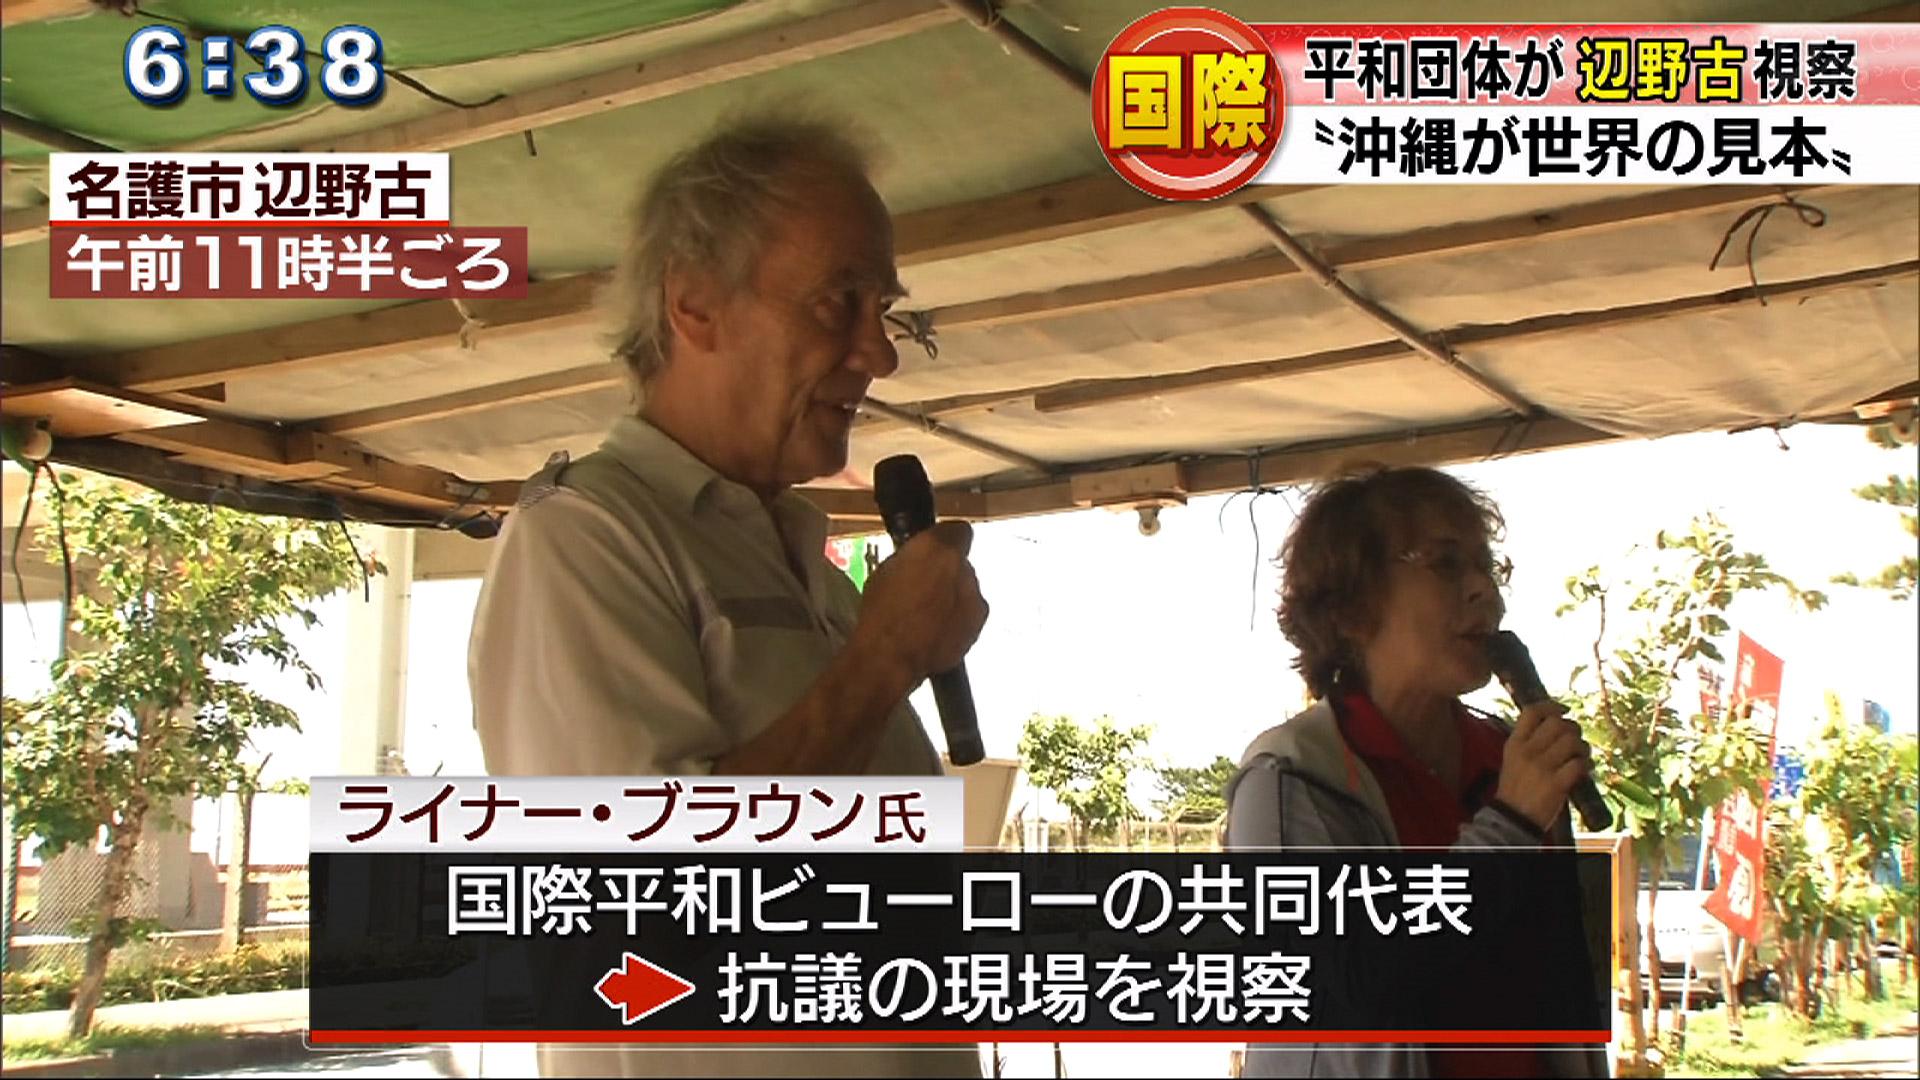 国際平和ビューロー代表が辺野古・高江を視察